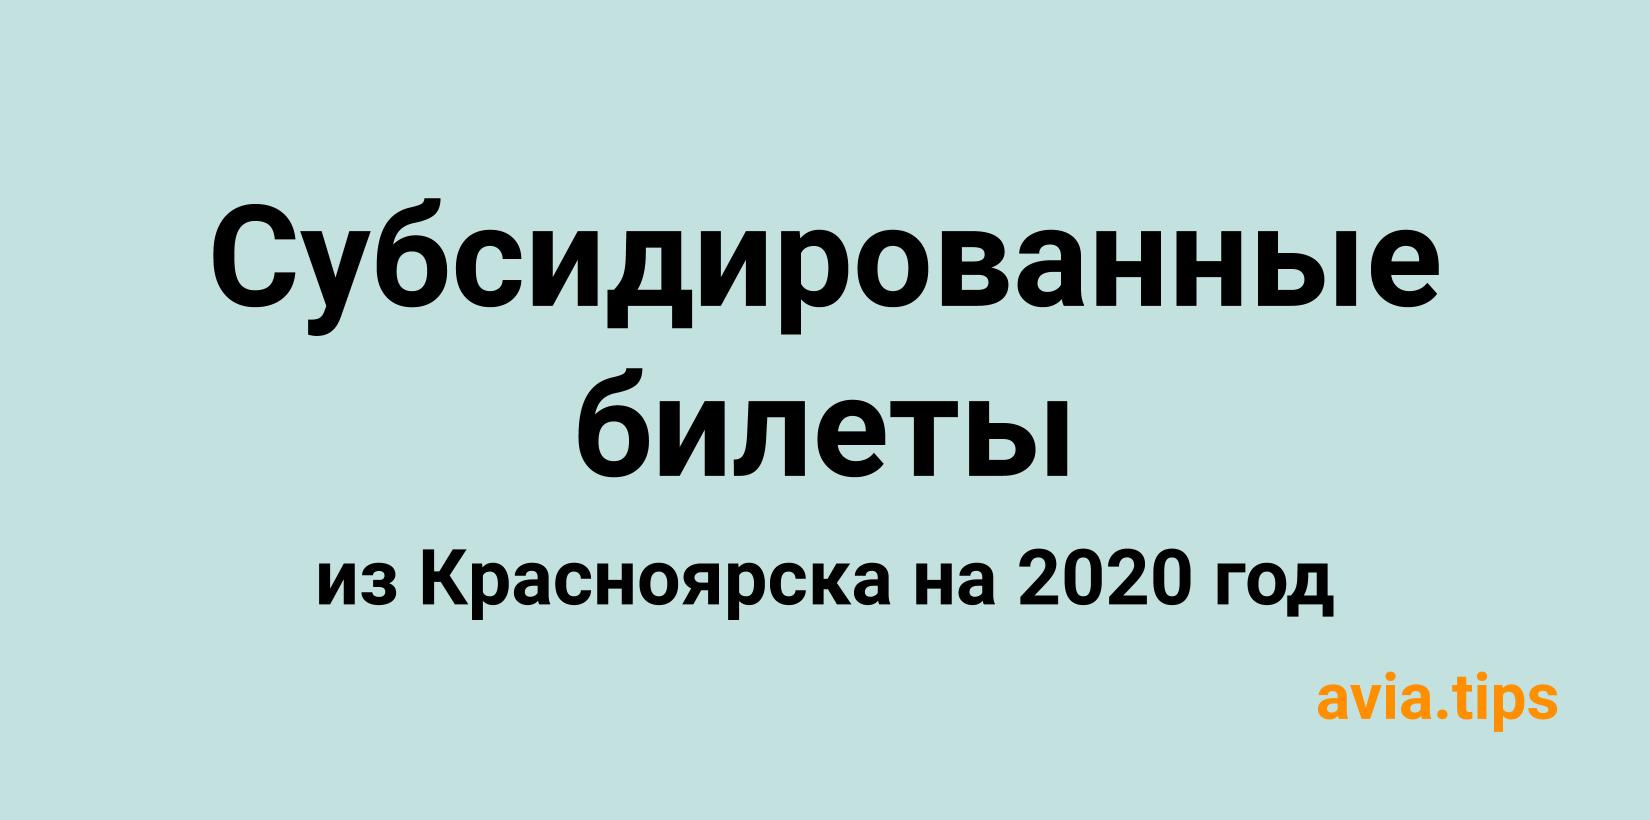 Красноярск купить авиабилет билет на самолет уфа ташкент прямой рейс